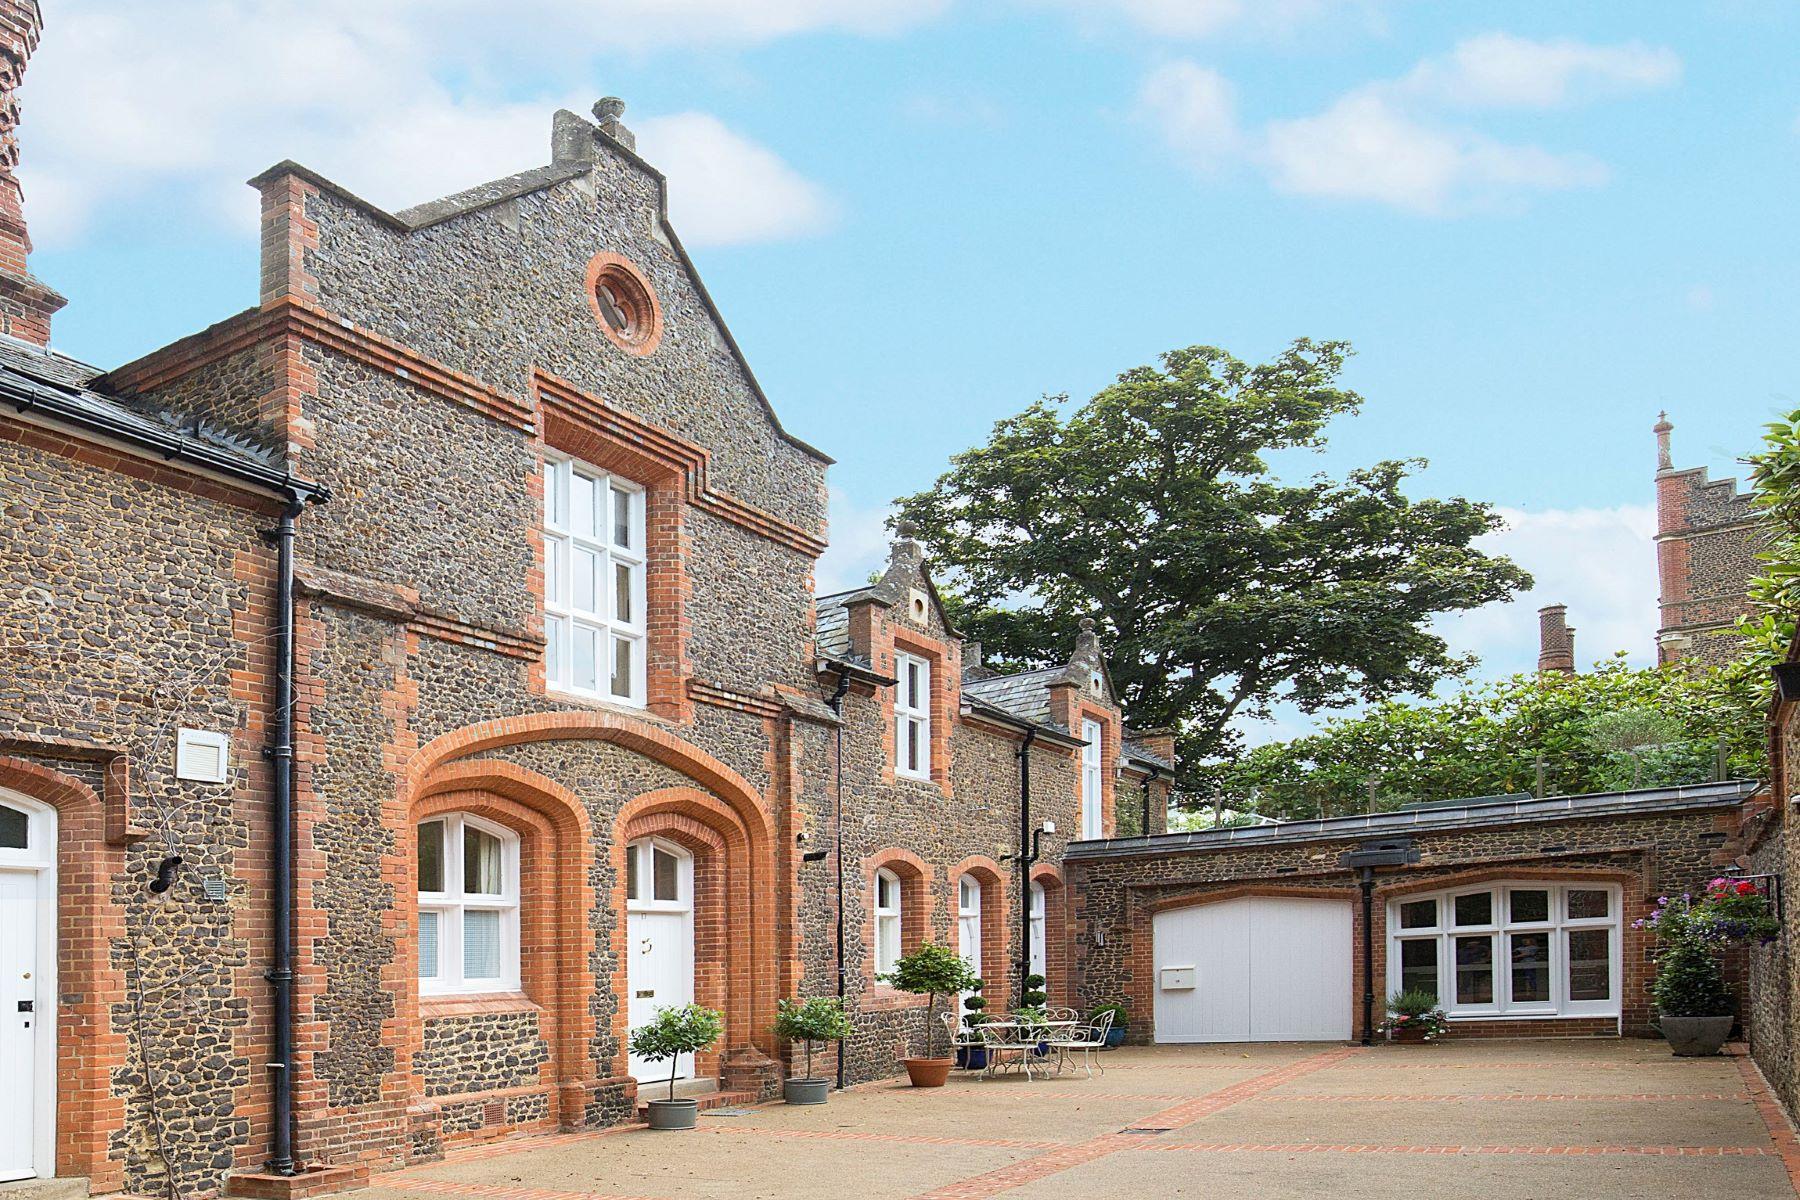 Single Family Homes for Sale at Albury Mews, Albury, Surrey 17 Albury Park Mews Albury Park Mansion Albury, England GU5 9BB United Kingdom